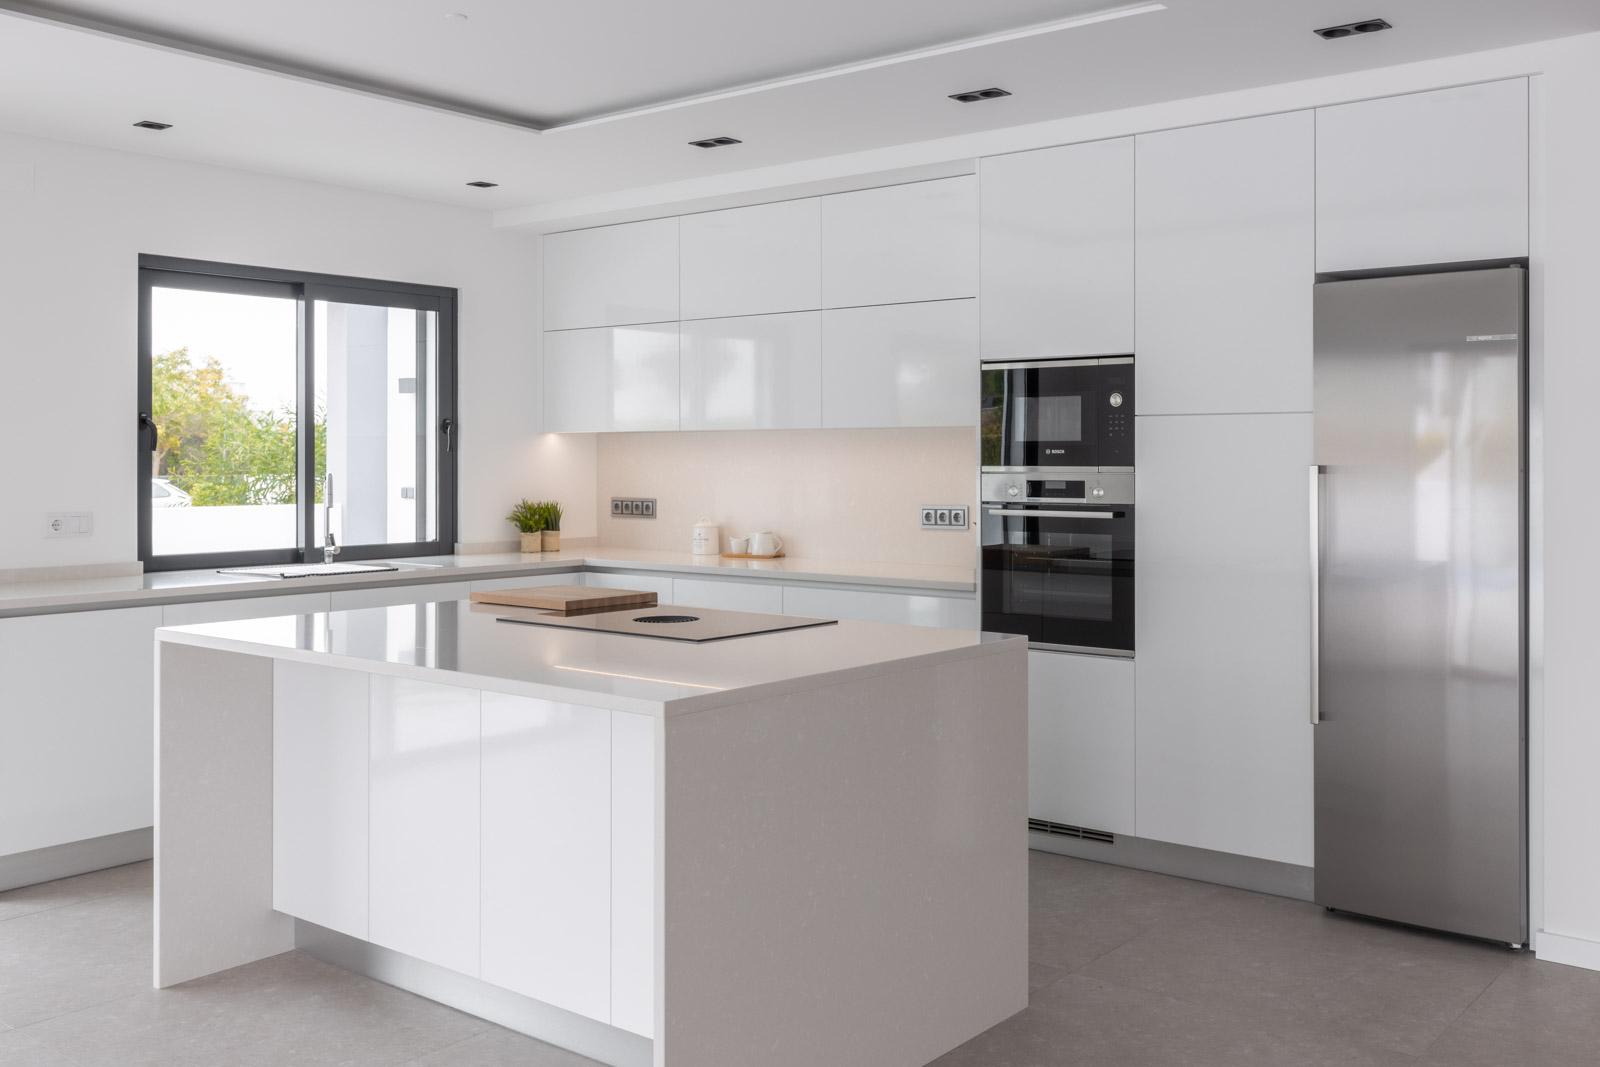 Cozinha com BORA Pure em ilha com Silestone Yukon. Cozinha em termolaminado branco brilho com equipamentos Bosch